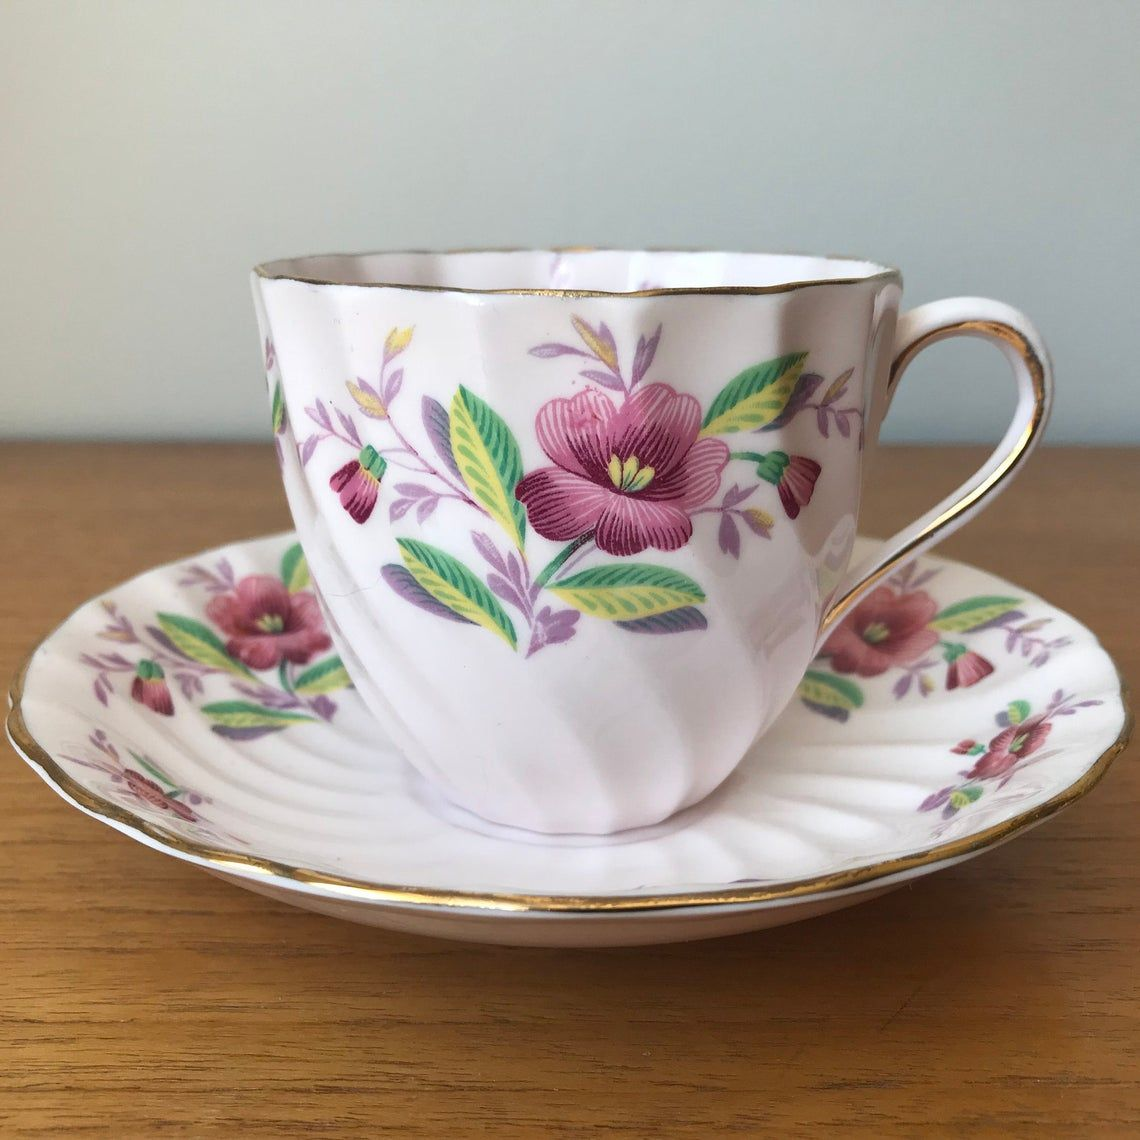 Pink English Tea Cup and Saucer, Tuscan Bone China Floral Teacup and Saucer